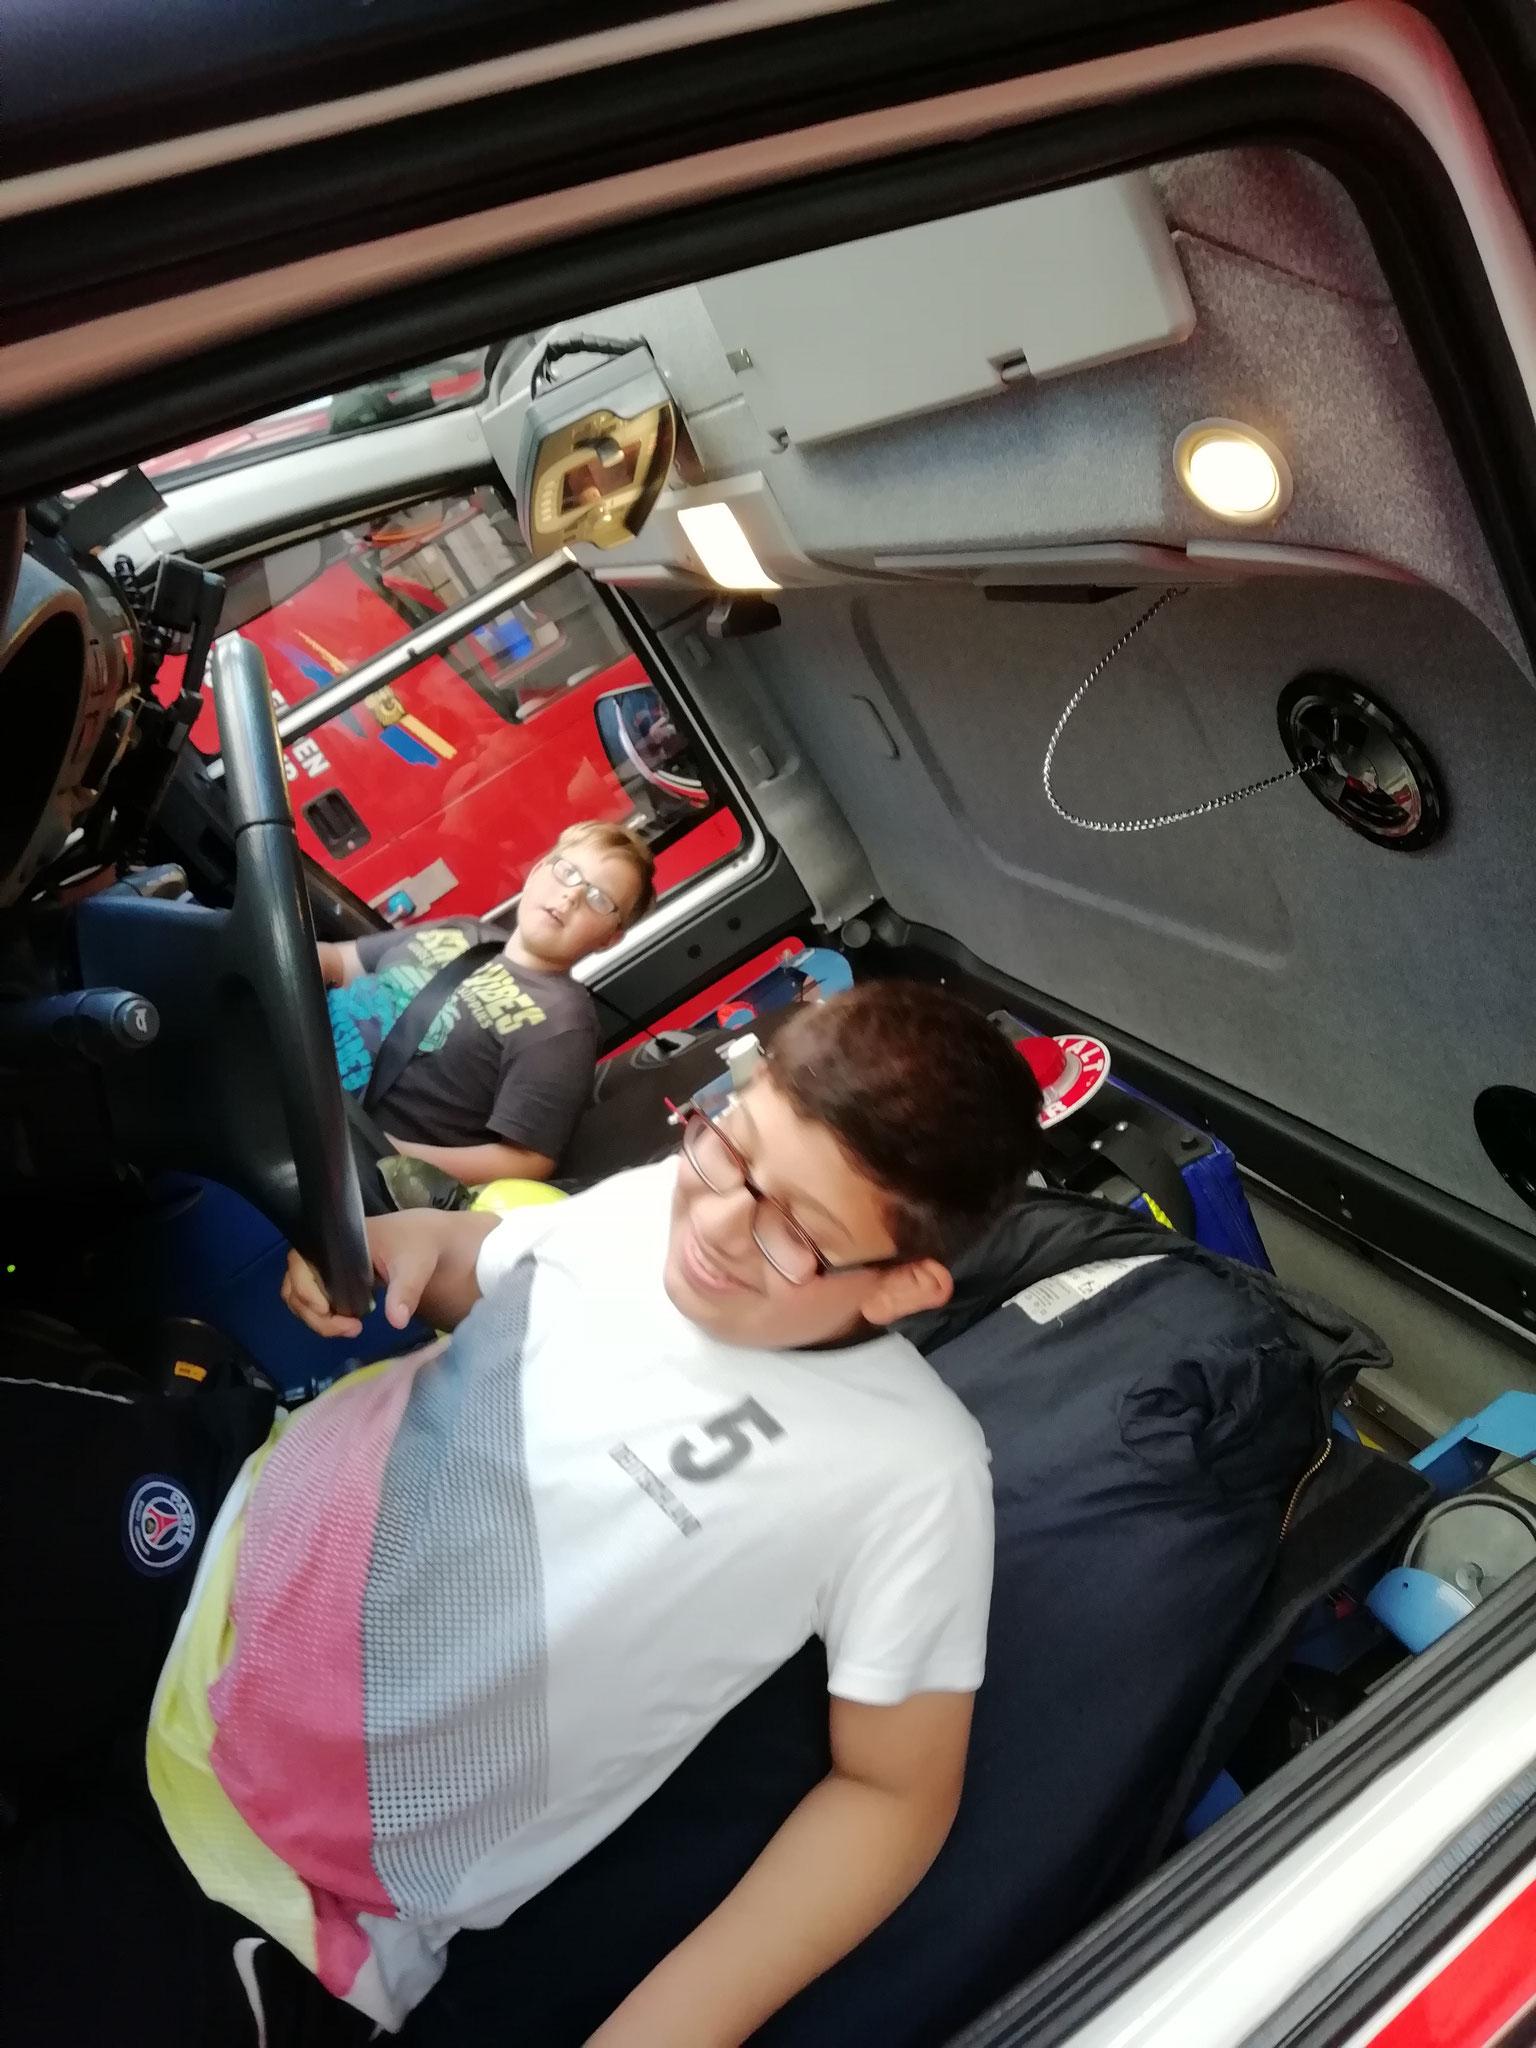 Sogar auf dem Fahrersitz durften wir mal Platz nehmen.